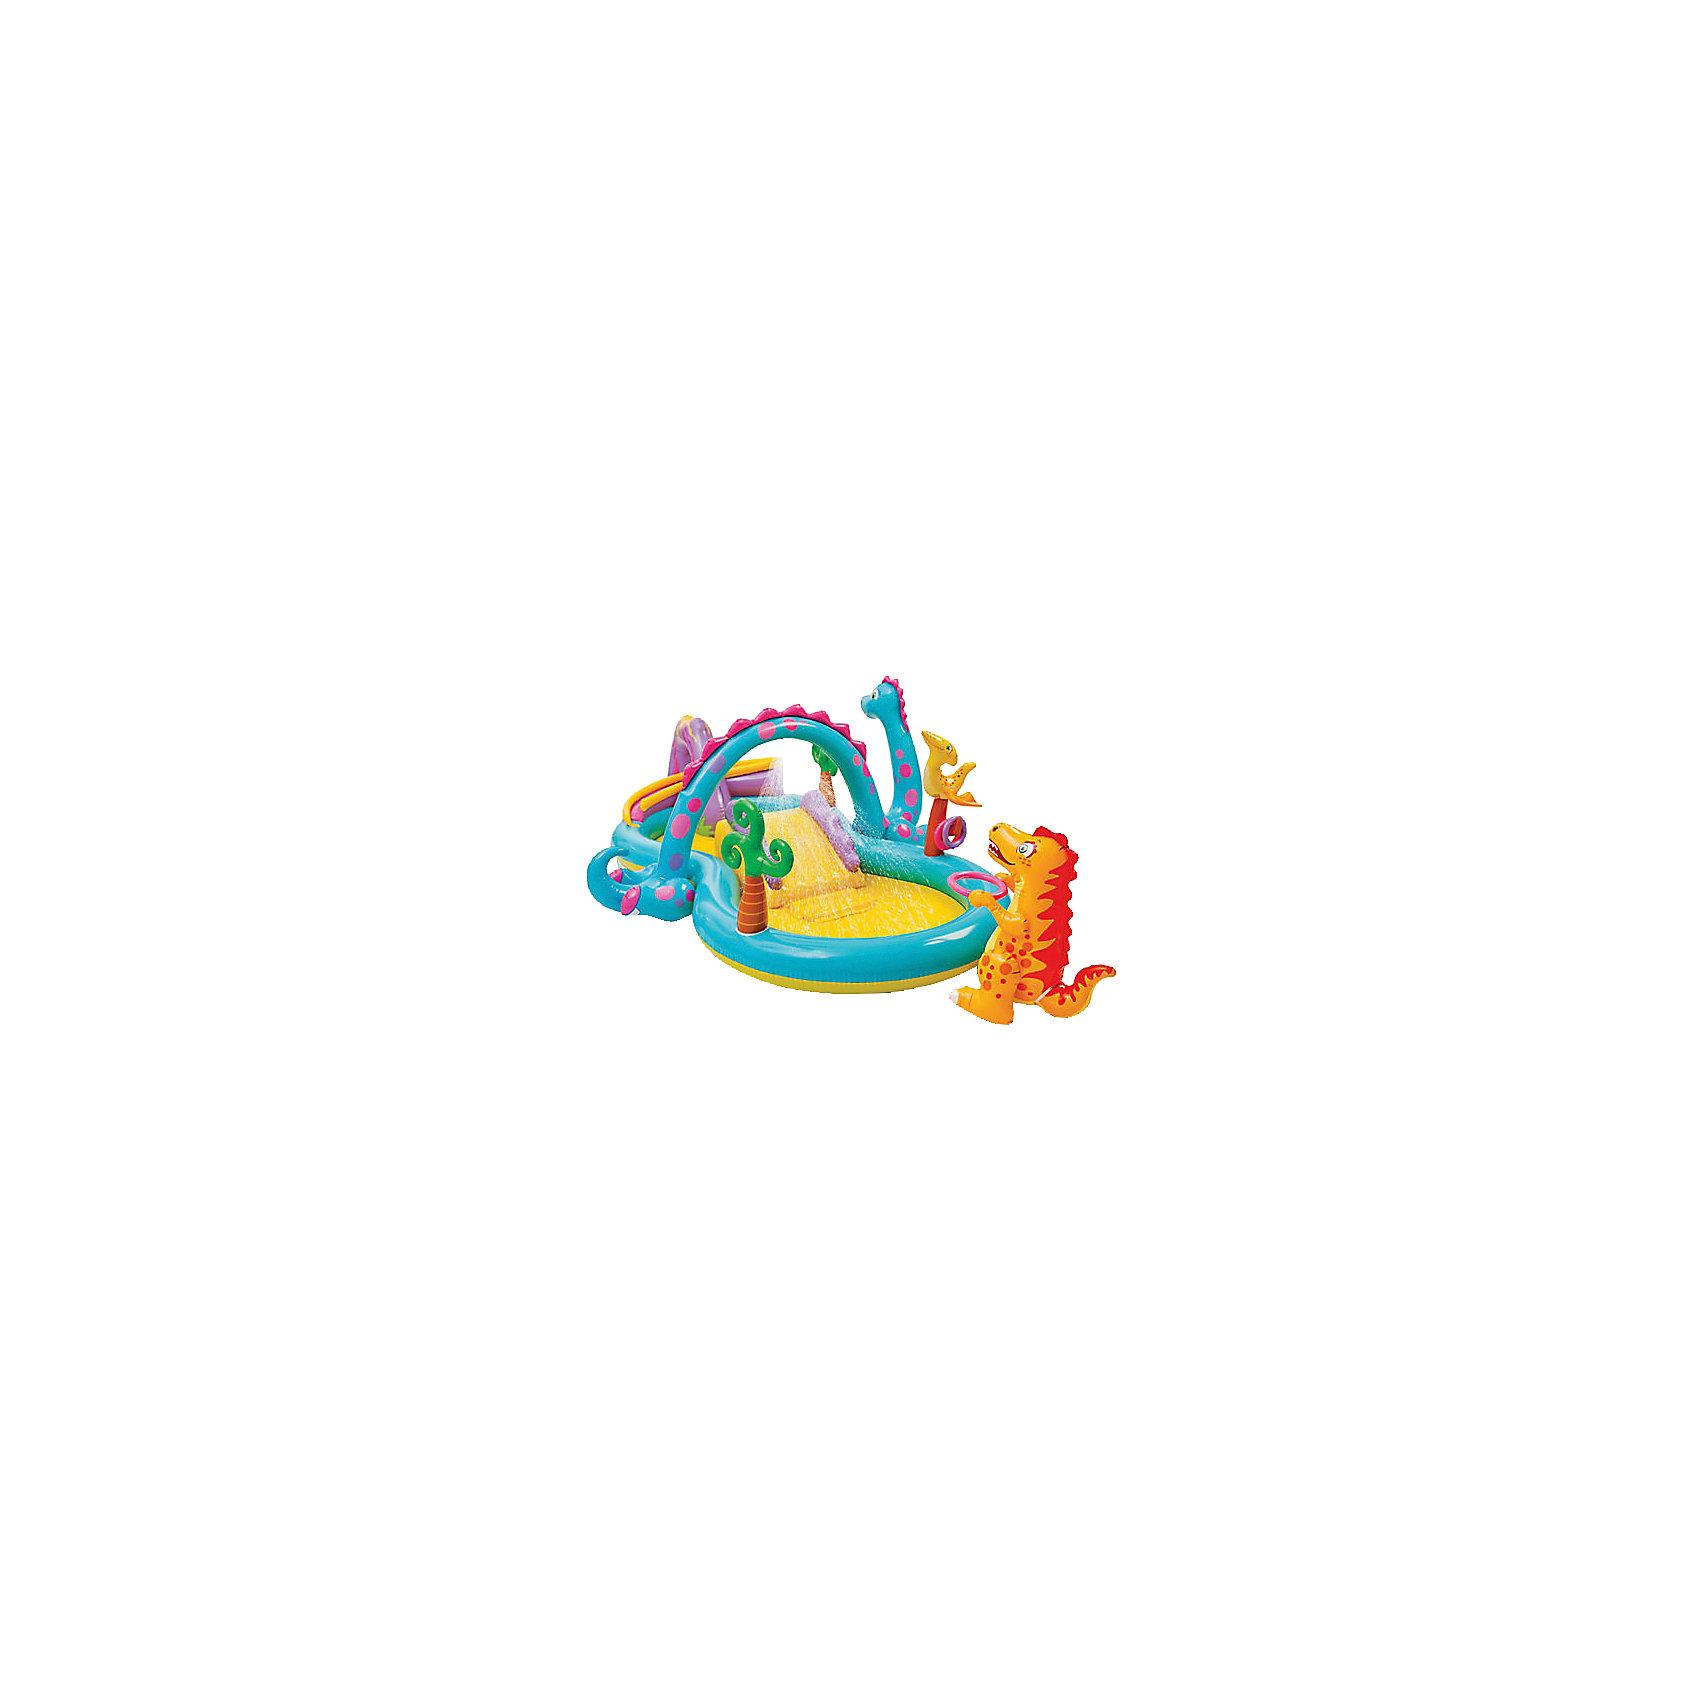 Детский игровой комплекс с бассейном Динолэнд, IntexДетский игровой комплекс с бассейном Динолэнд, Intex (Интекс) – яркий комплекс отличное решение для отдыха ваших деток в летнее время.<br>Игровой комплекс Динолэнд от компании Intex (Интекс) — это самый настоящий бассейн-аквапарк на вашем дачном участке. Комплекс представляет мягкую, и безопасную конструкцию. Он оснащен надувной горкой, по которой очень весело съезжать прямо в бассейн. Для комфорта и безопасности приземления имеется надувная подушечка у основания горки. В жаркий летний день очень пригодится фонтанчик-душ, подключающийся через садовый шланг! В комплекте разноцветные мягкие надувные мячики и кольца. Имеется надувной желоб, по которому мячики скатываются в бассейн и красочная фигурка тираннозавра, ожидающая бросок в кольцо. Комплекс декорирован надувными деревьями и фигурками животных, от которых так и веет тропиками. Для того, чтобы накачать игровой центр, вам потребуется всего две минуты. Бассейн сделан из 2 независимых воздушных отсеков, каждый имеет двойной клапан для накачивания и предохраняющий клапан от чрезмерно высокого давления. Для слива воды предусмотрен удобный сливной клапан. Изготовлен из прочного винила.<br><br>Дополнительная информация:<br><br>- Для детей от 3 лет<br>- Комплектация: игровой комплекс, 6 мячей диаметром 8 см., 3 кольца, фигурка тираннозавра с кольцом<br>- Размер: 333 х 229 х 112 см.<br>- Глубина: 15 см.<br>- Объем: 280 л.<br>- Материал: прочный ПВХ (винил)<br>- Размер упаковки: 16 х 40 х 51 см.<br>- Вес: 8,5 кг.<br><br>Детский игровой комплекс с бассейном Динолэнд, Intex (Интекс) можно купить в нашем интернет-магазине.<br><br>Ширина мм: 520<br>Глубина мм: 406<br>Высота мм: 159<br>Вес г: 7845<br>Возраст от месяцев: 24<br>Возраст до месяцев: 72<br>Пол: Унисекс<br>Возраст: Детский<br>SKU: 3340382